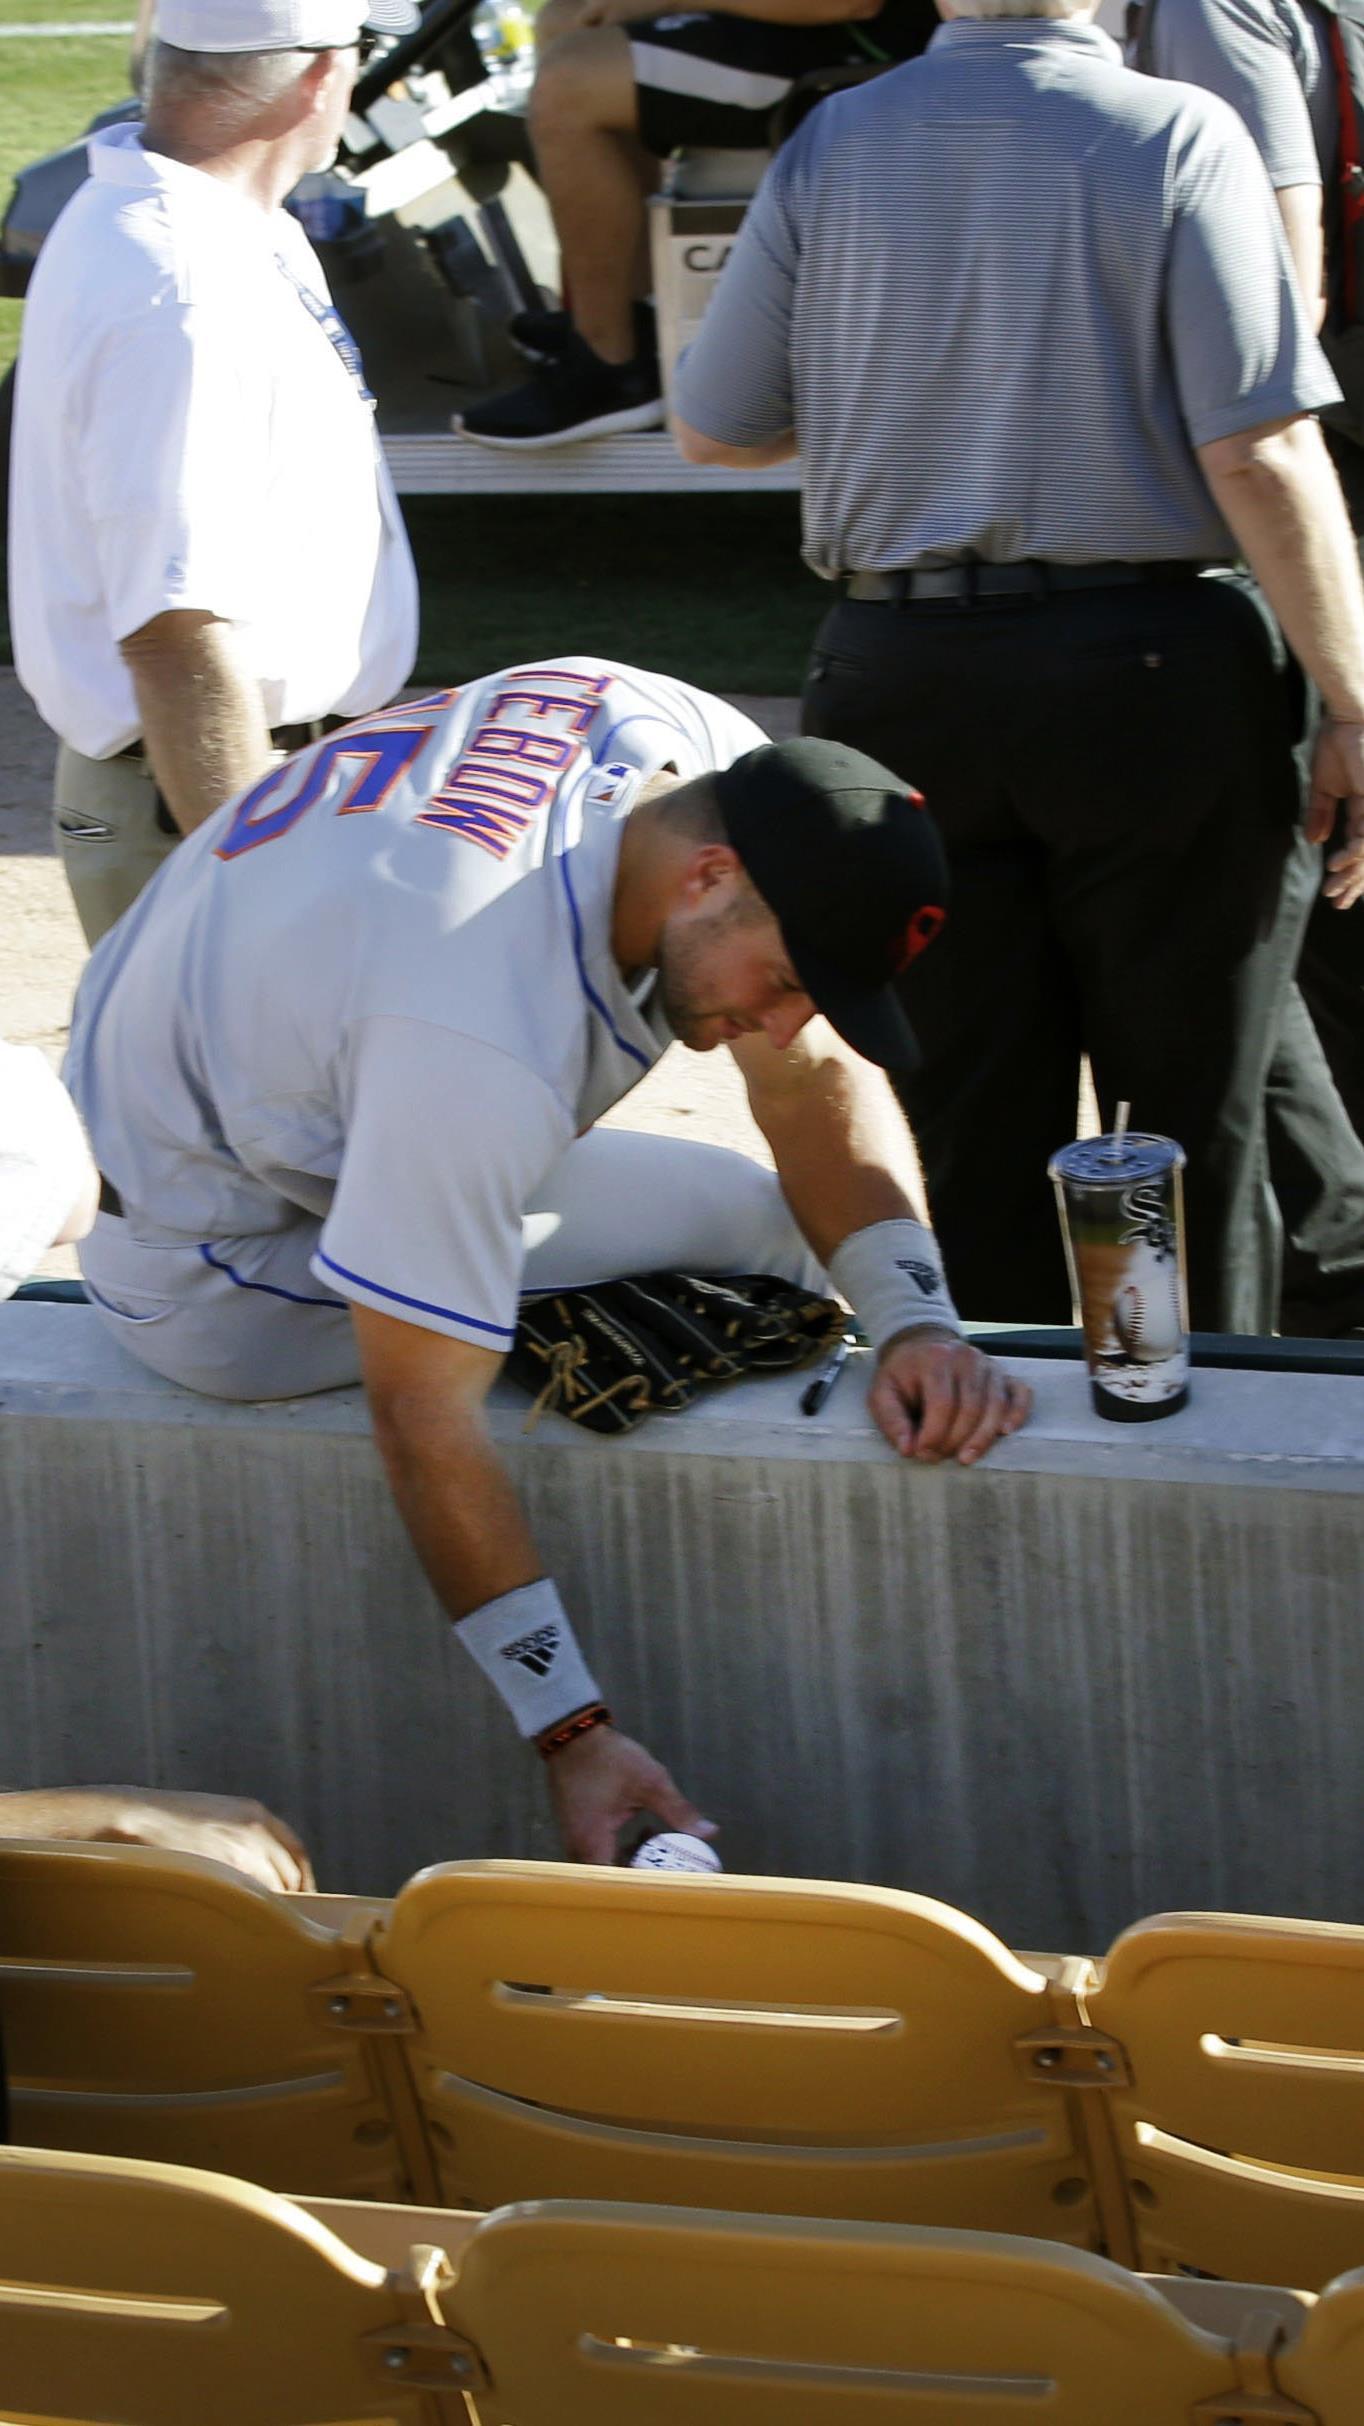 US-Sportler Tim Tebow (Mitte) kümmerte sich bei einem Baseball-Spiel um einen zusammengebrochenen Fan.